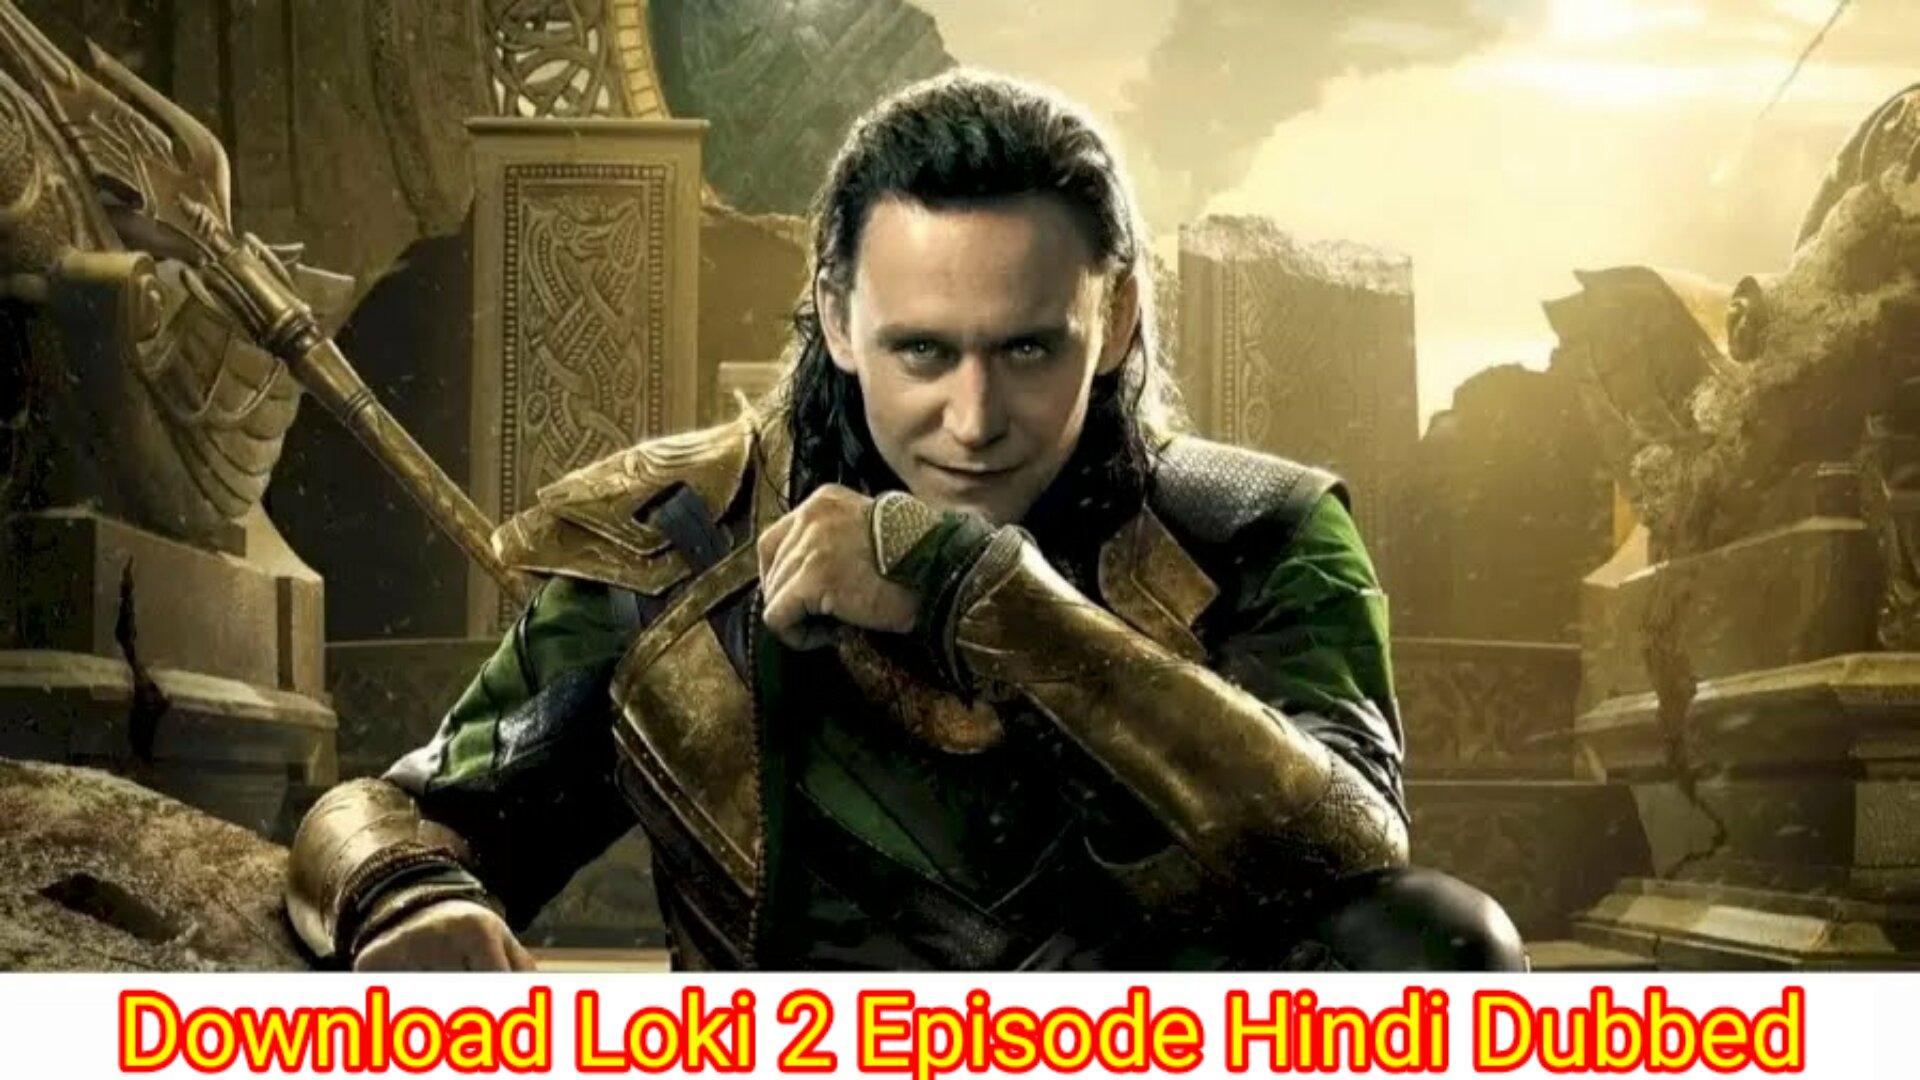 Loki 2 episode download